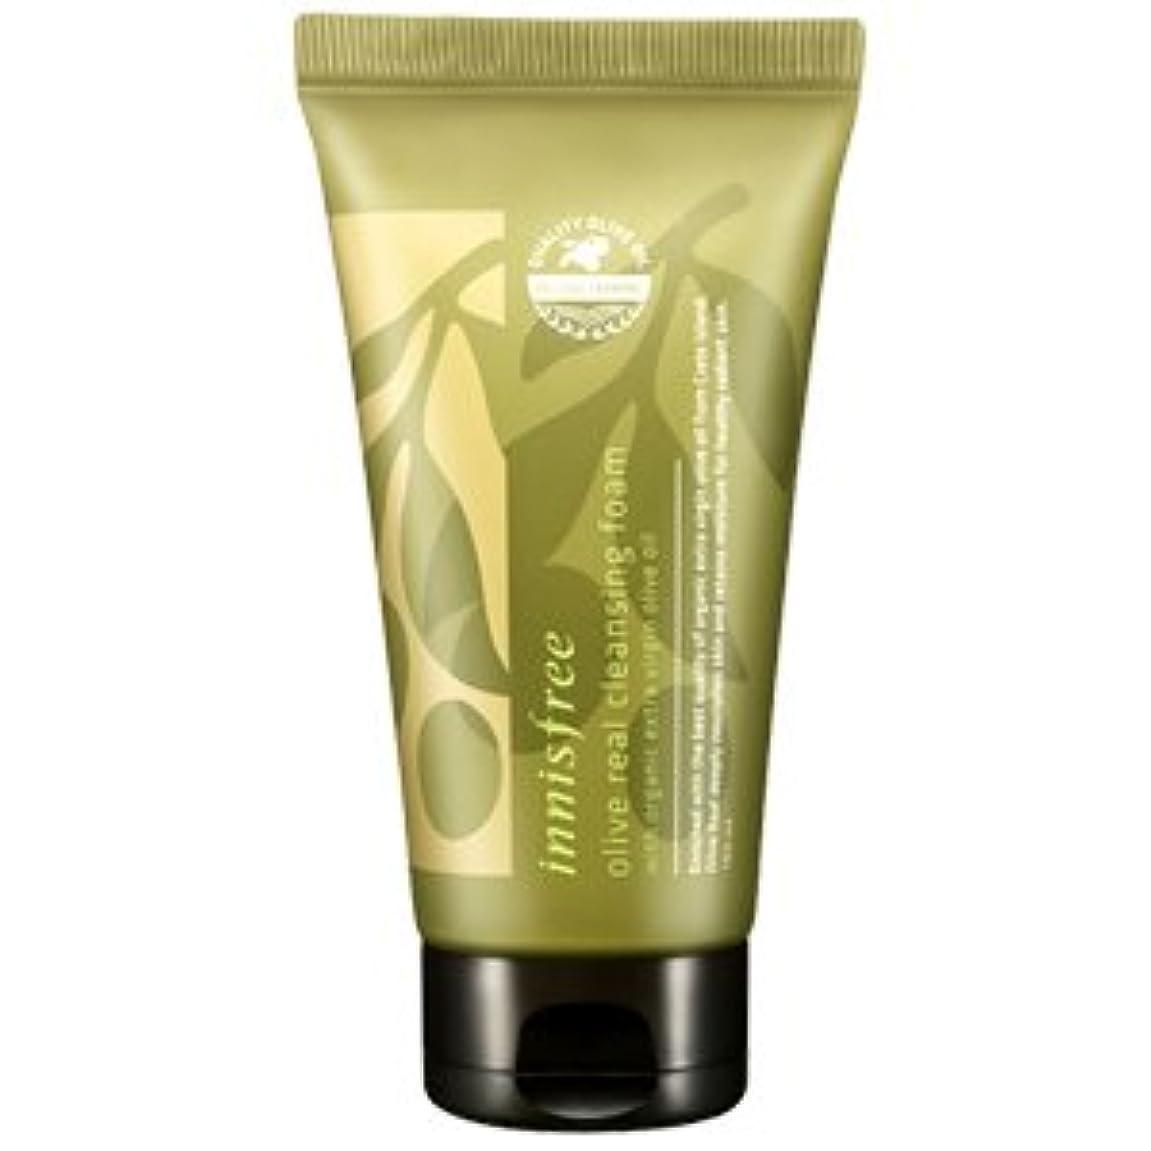 テロハックセンサーinnisfree(イニスフリー) Olive real cleansing foam AD オリーブ リアル クレンジング フォーム 150ml